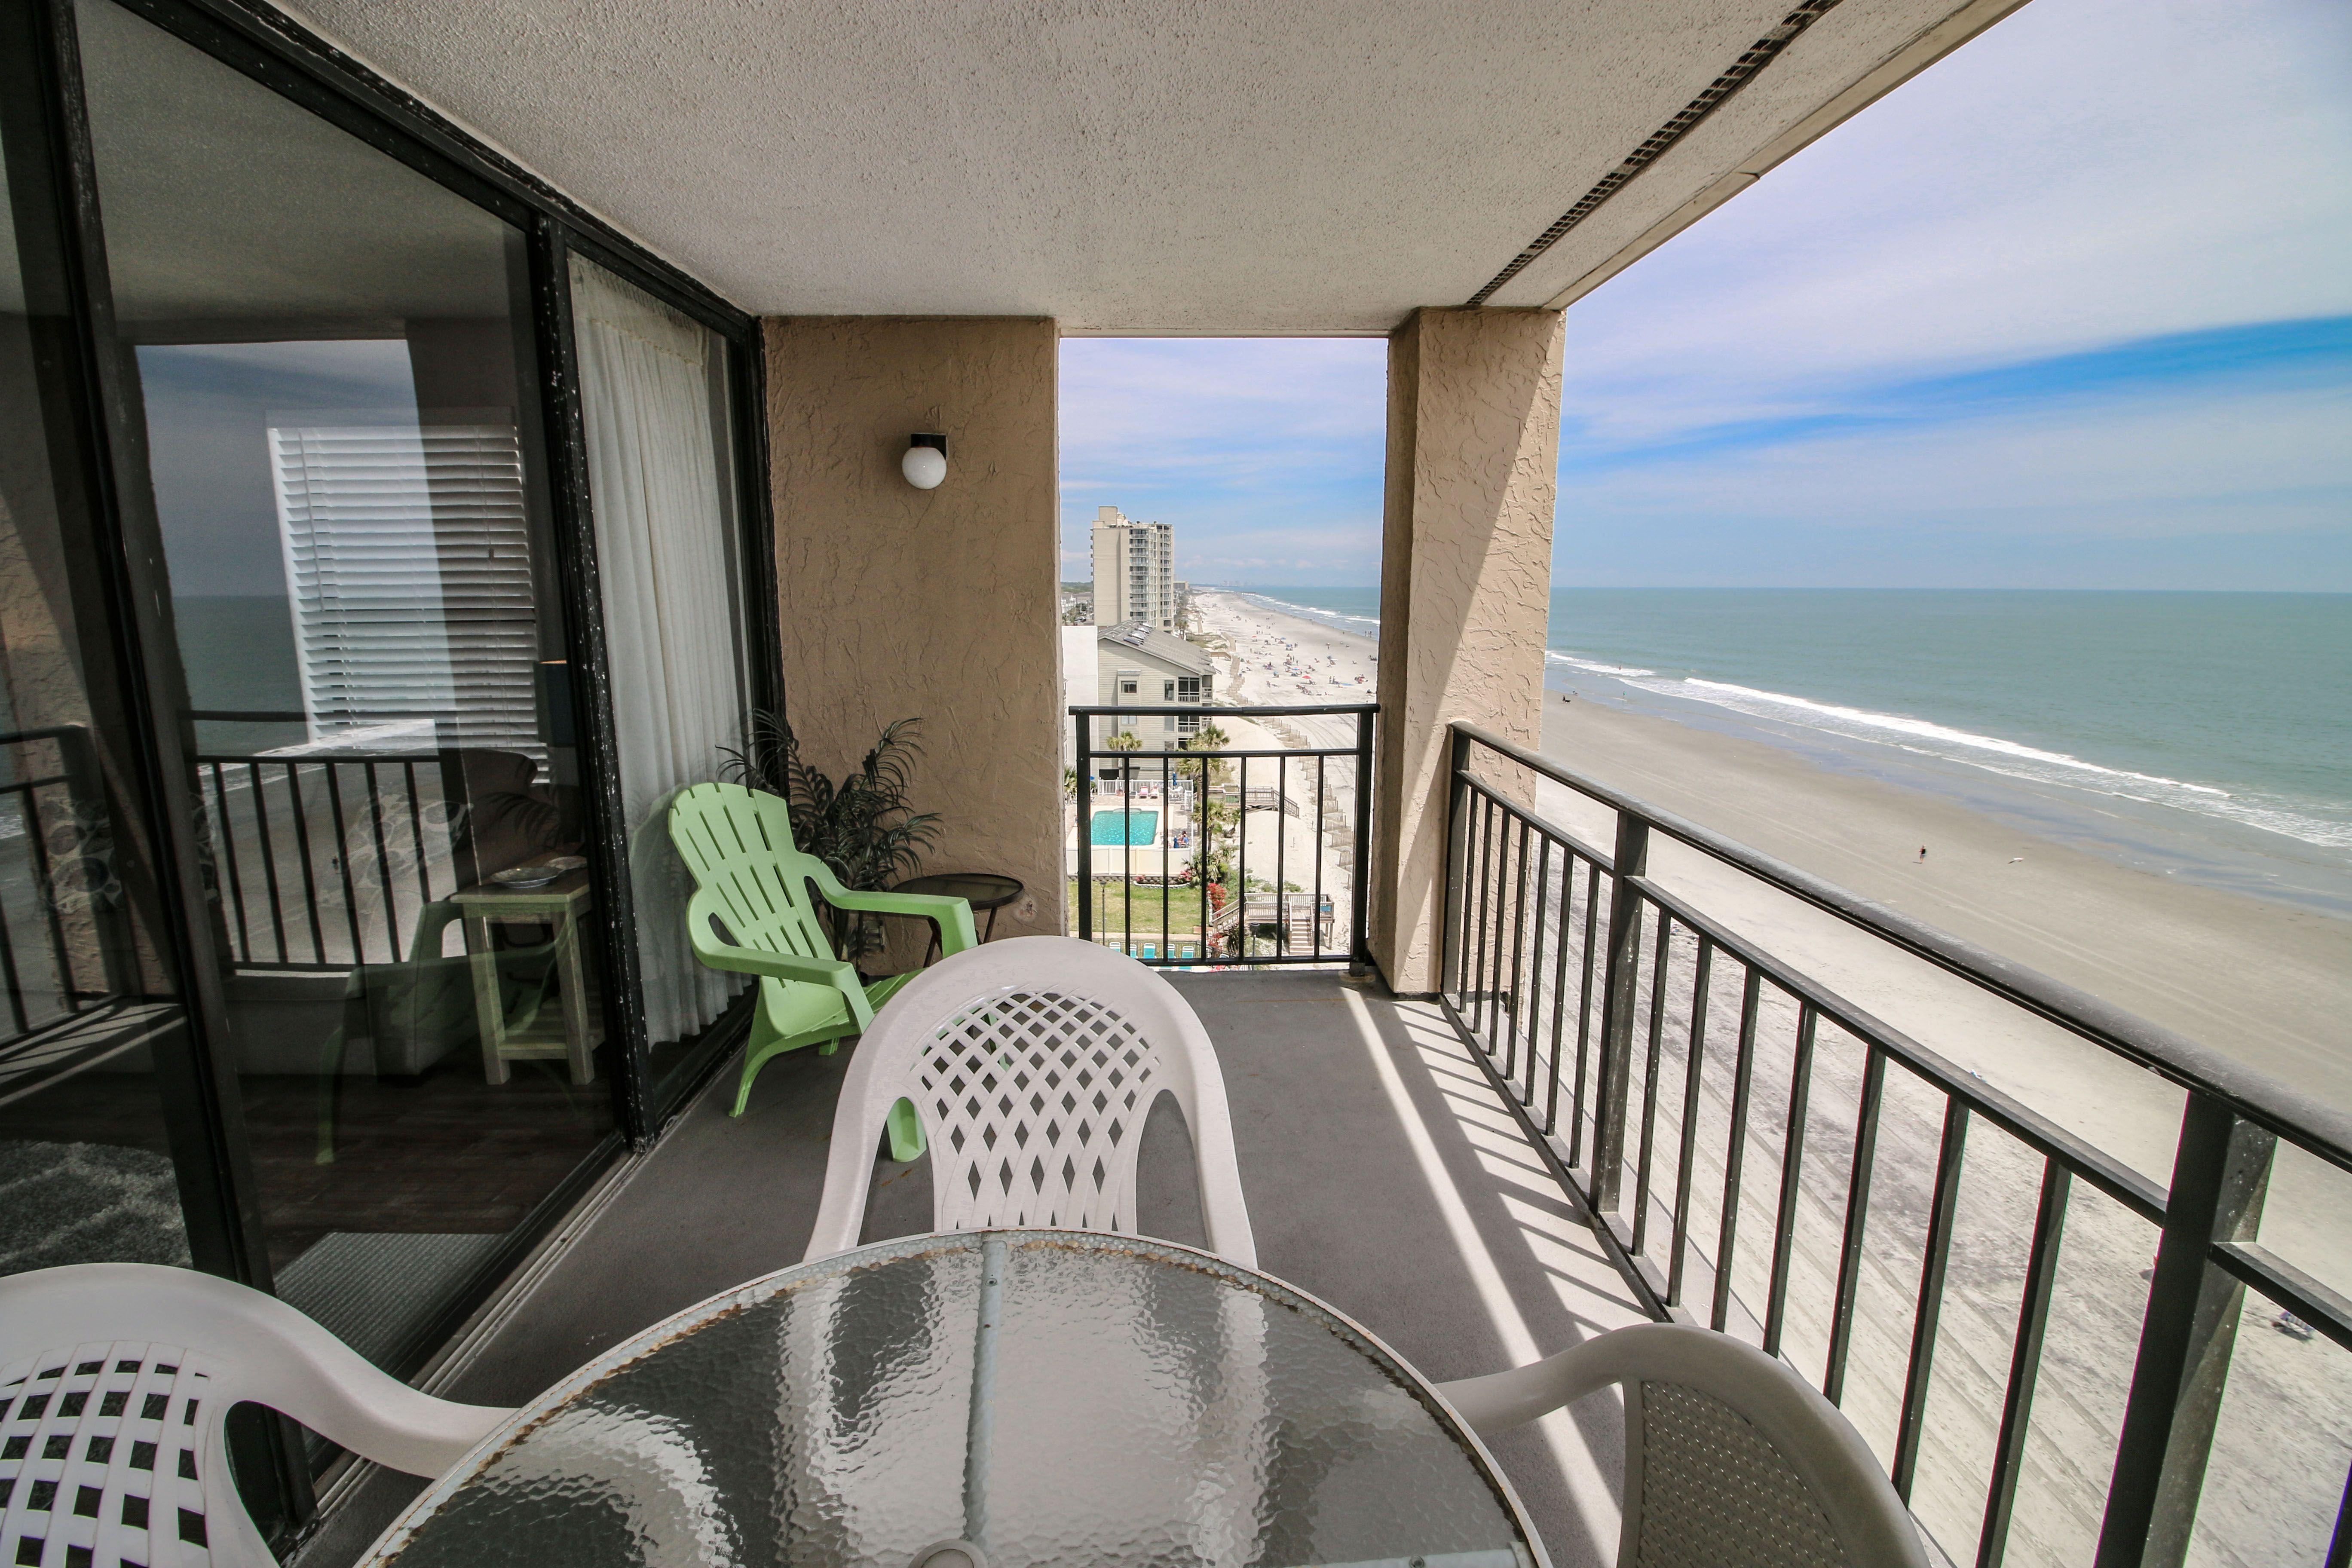 Updated 2 Bedrooms 2 Bathrooms Sleeps 8 Oceanfront Beach Condo 180 Avg Night Myrtle Beach Amenities Inclu In 2020 Beach Condo Myrtle Beach Relaxing Vacations